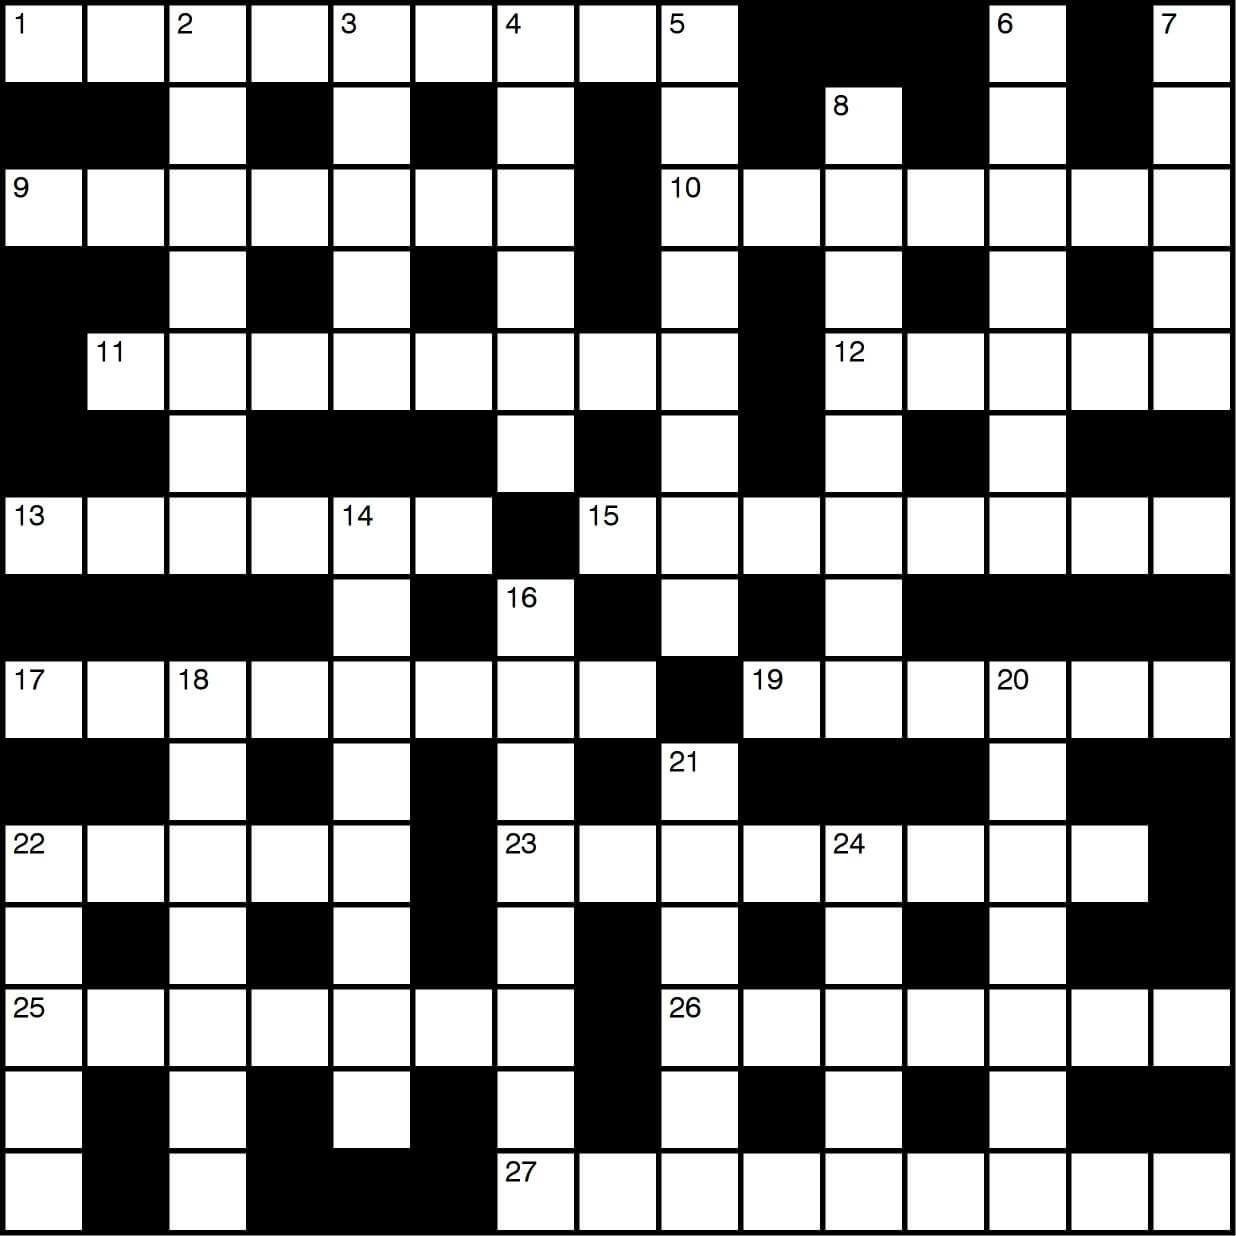 missing-vowels-uk-11